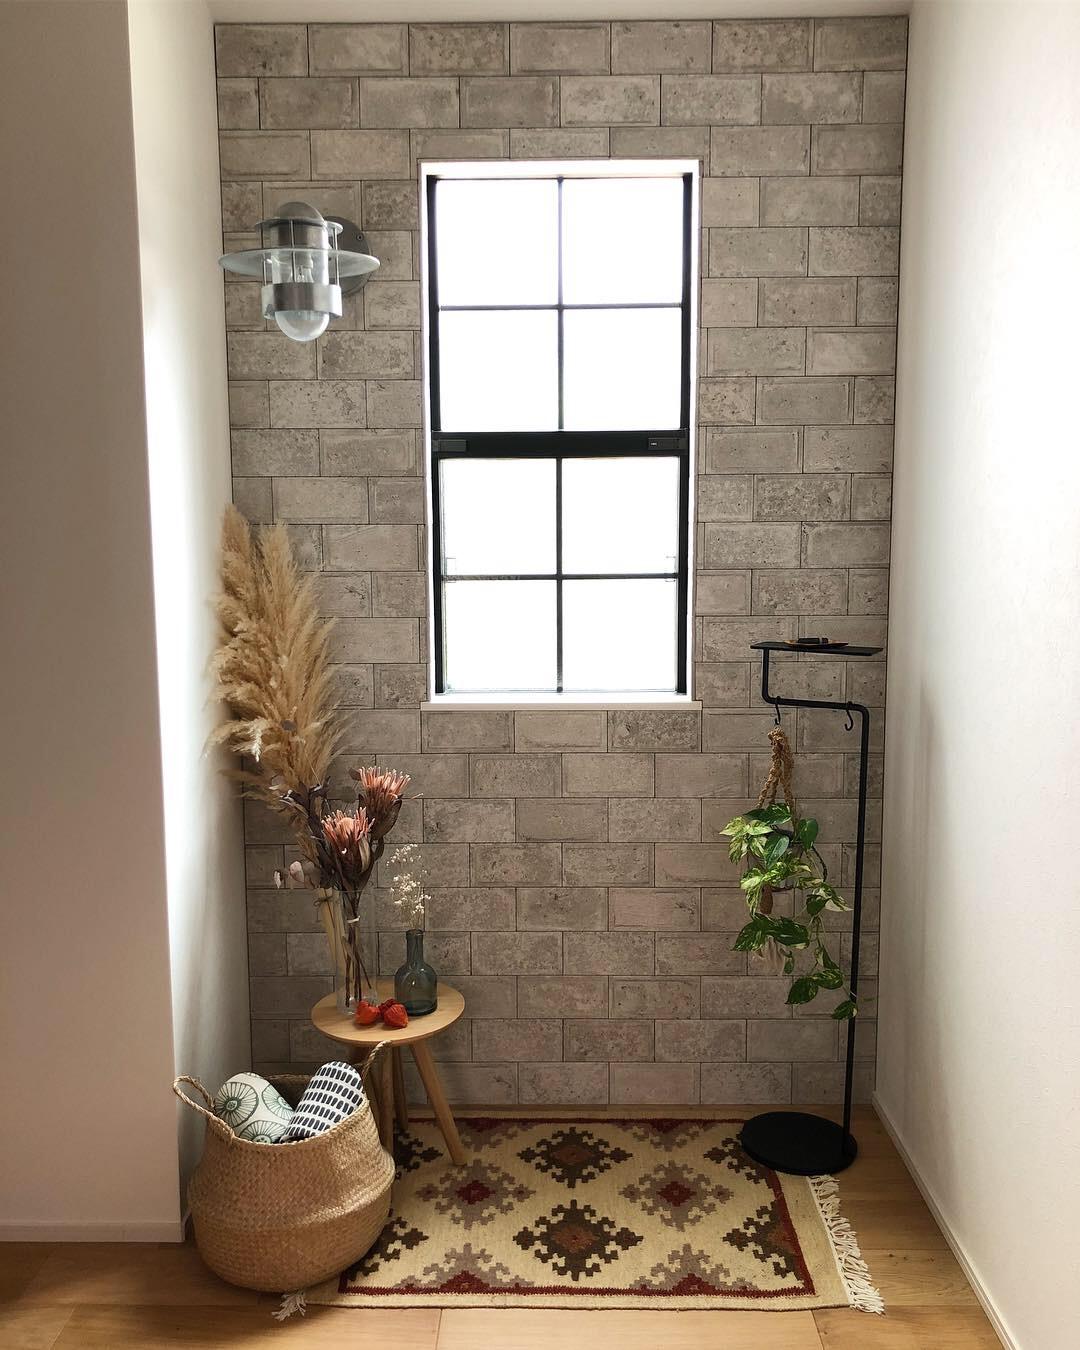 傘、バッグ、植物も掛けられる支柱はストールやマフラーを掛けるのにもピッタリ。空間に静かに溶け込みながら、あなたの暮しを、グッと心地よく変えてくれる「スタンド型のトレイ」|DUENDE TILL